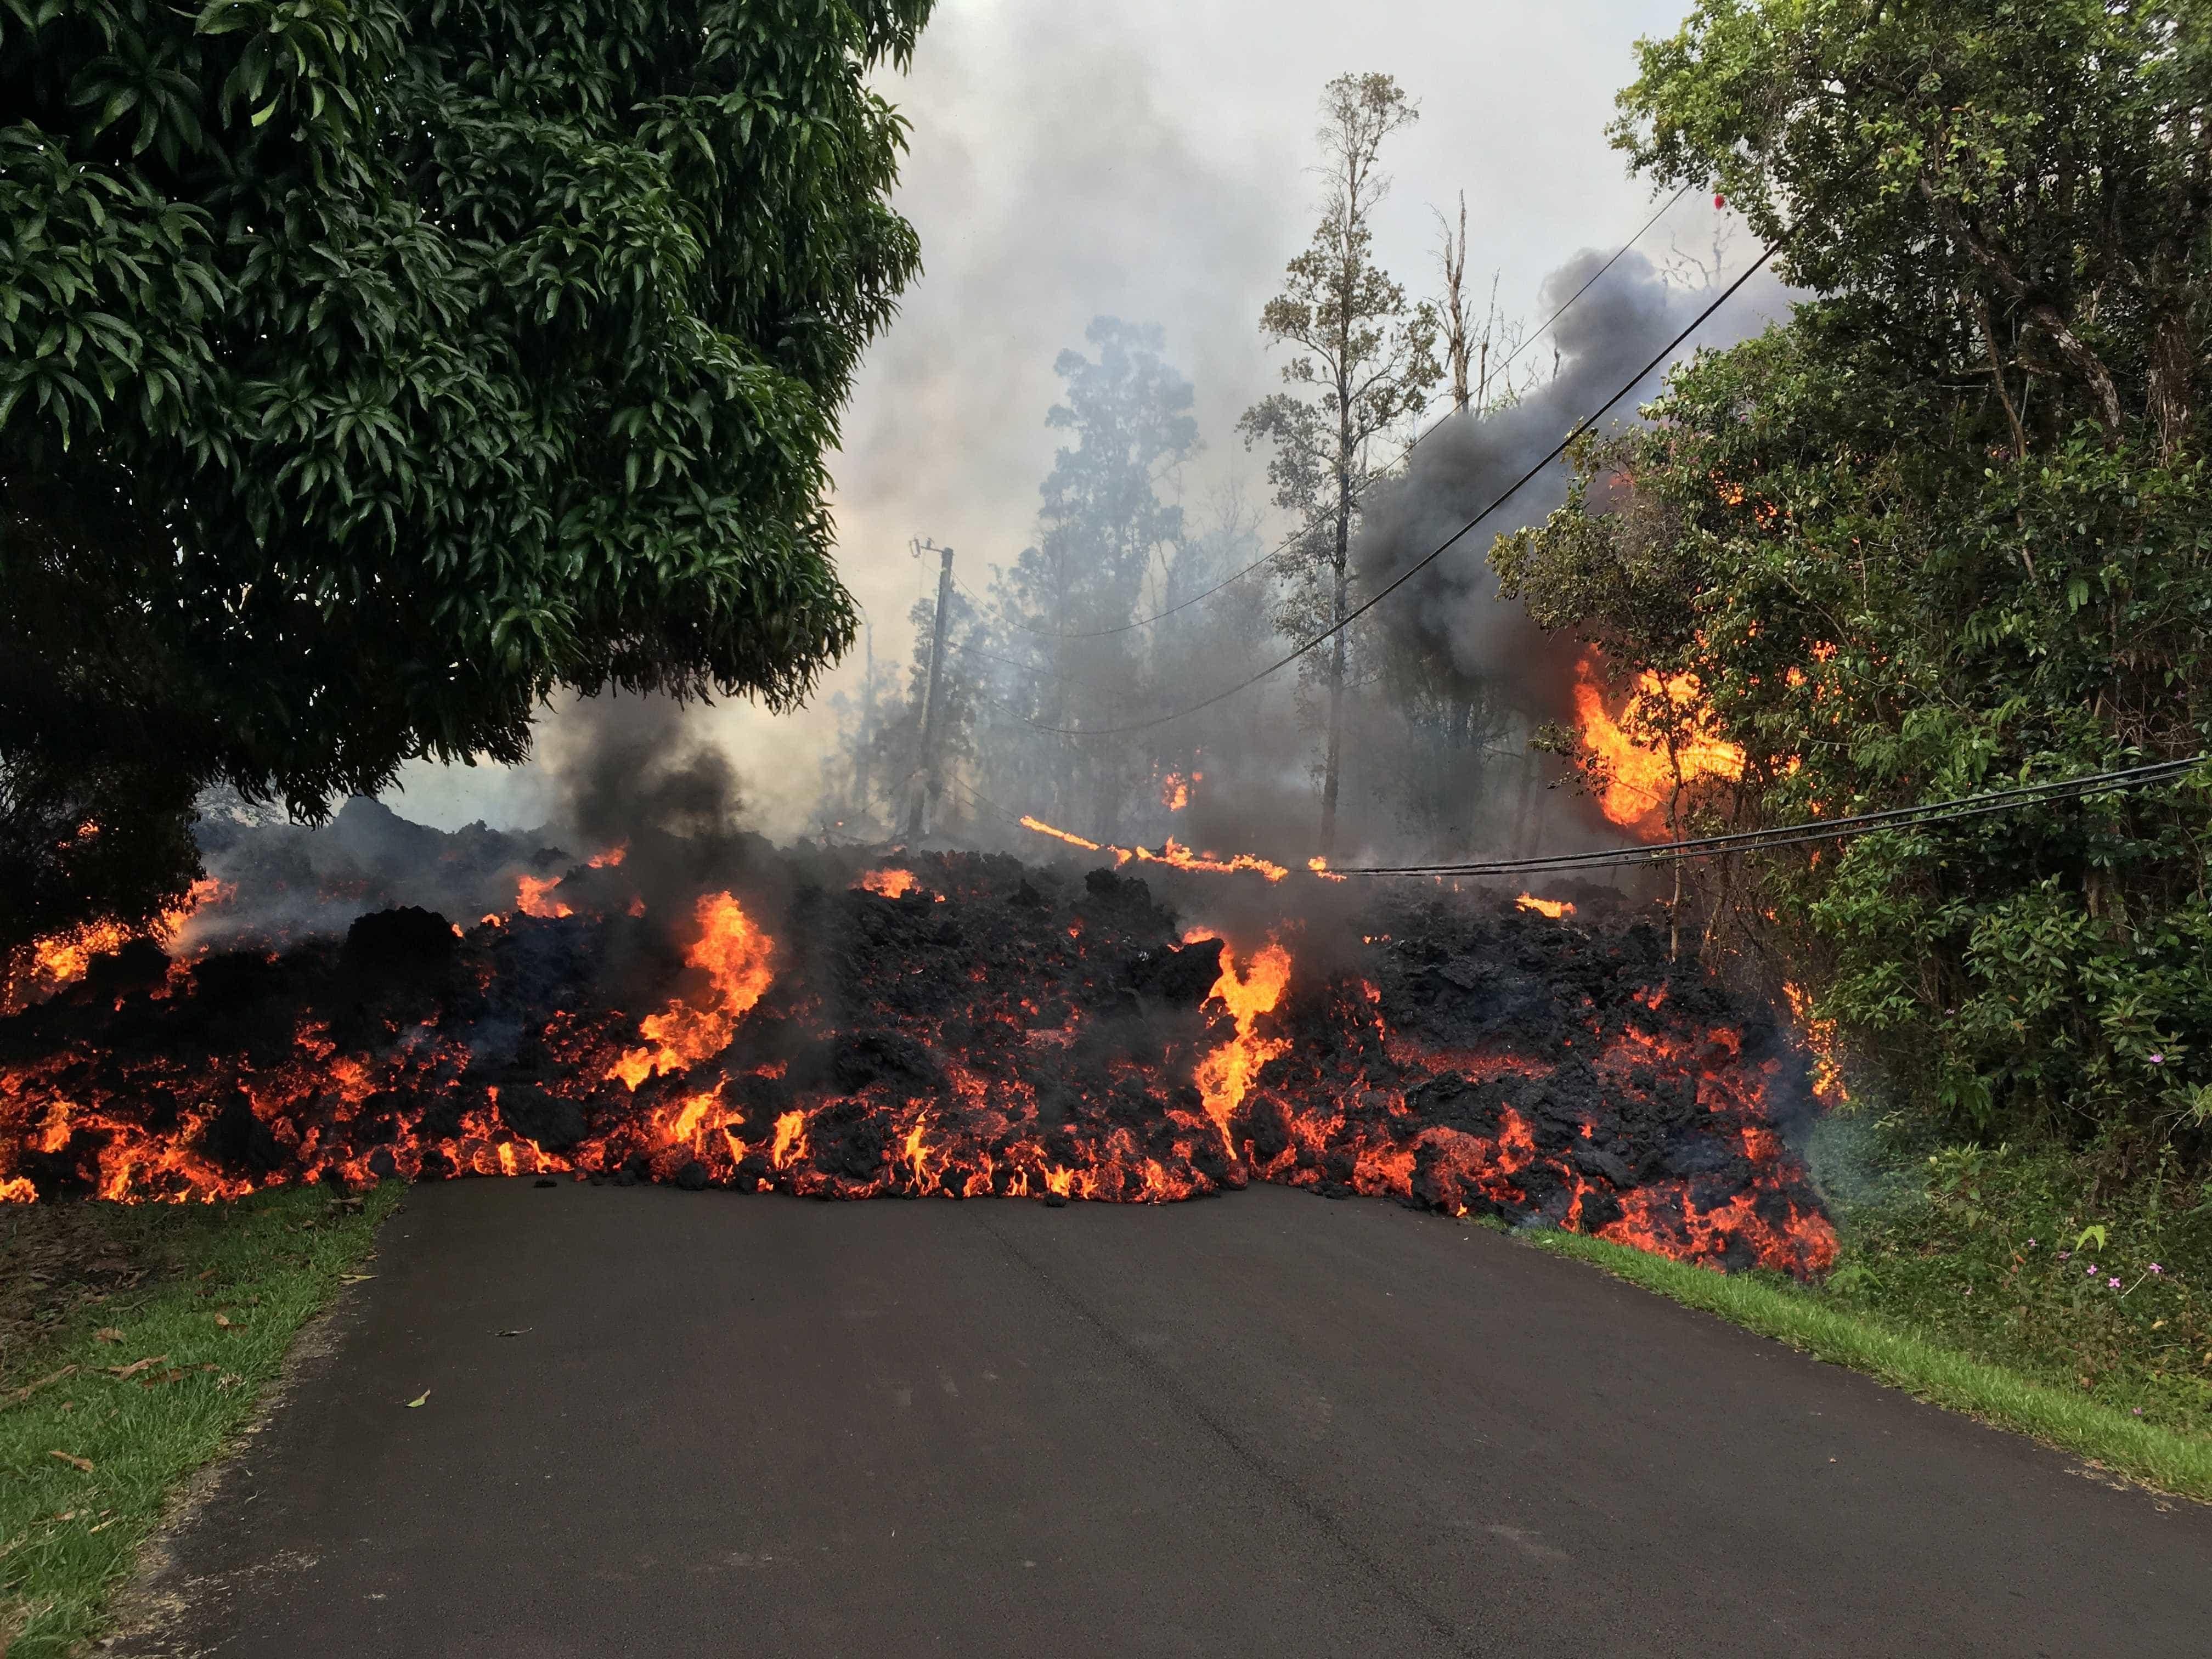 Imagens aéreas mostram avanço da lava do vulcão Kilauea no Havaí